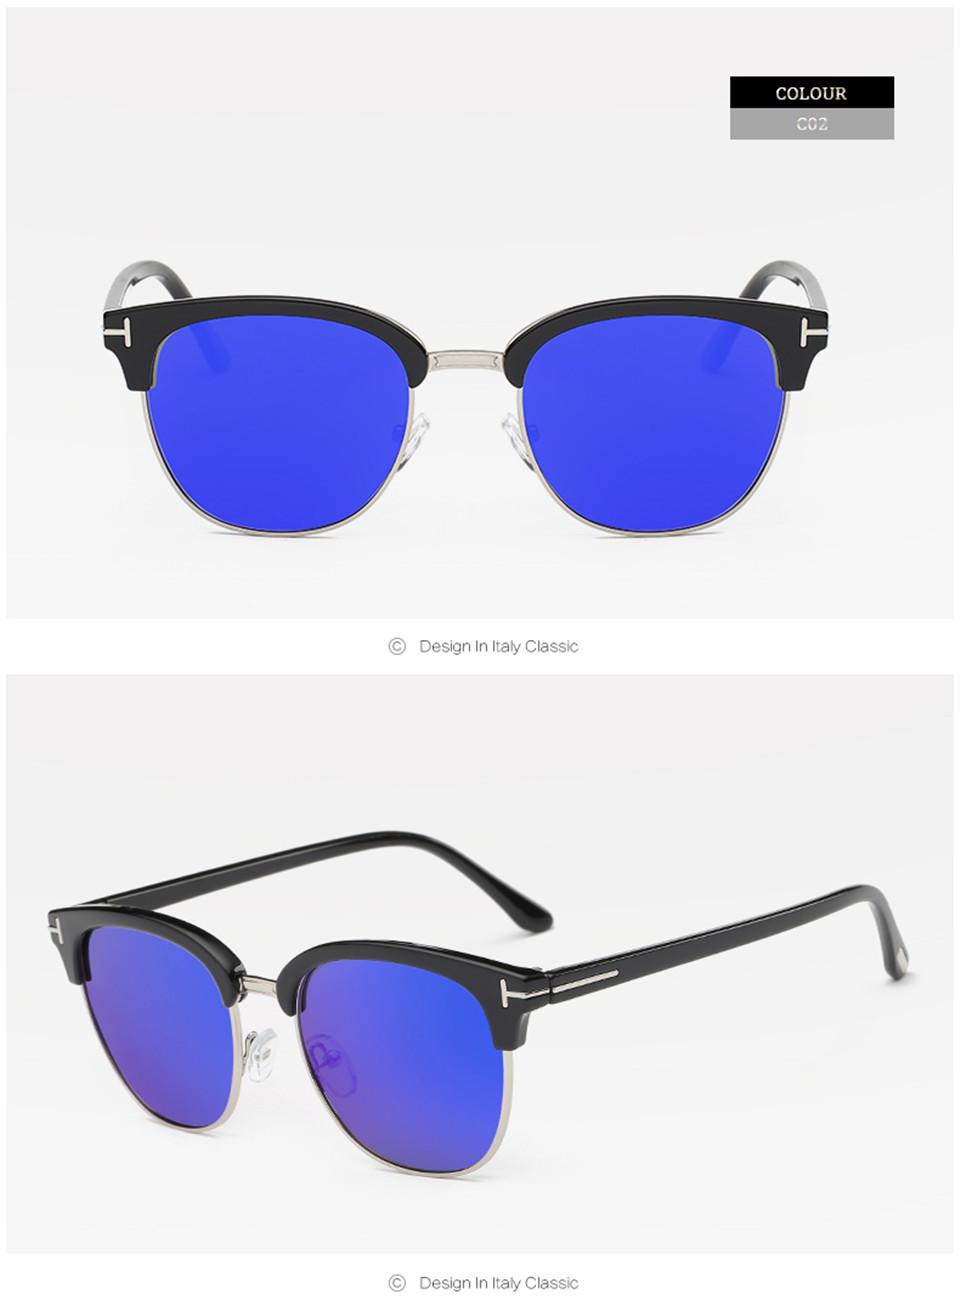 9ff7ff2e9e7 LUOMON Women Polarized Sunglasses Fashion Driving Outdoor Male Sun Glasses  Luxury Eyewear UV400 Protection Oculos De Sol